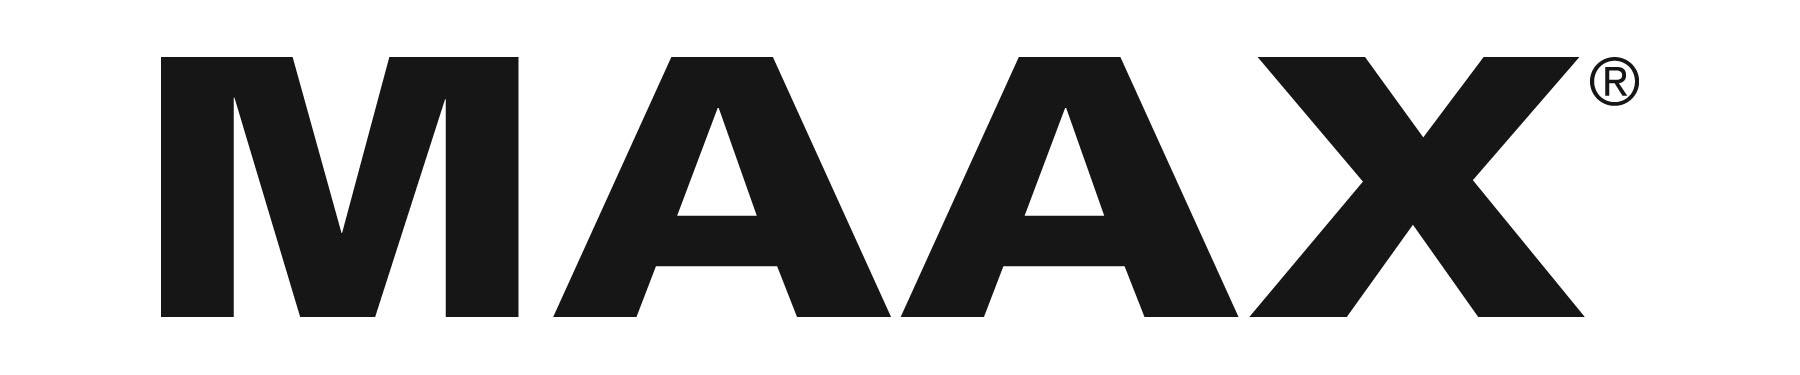 maax_logo.jpg